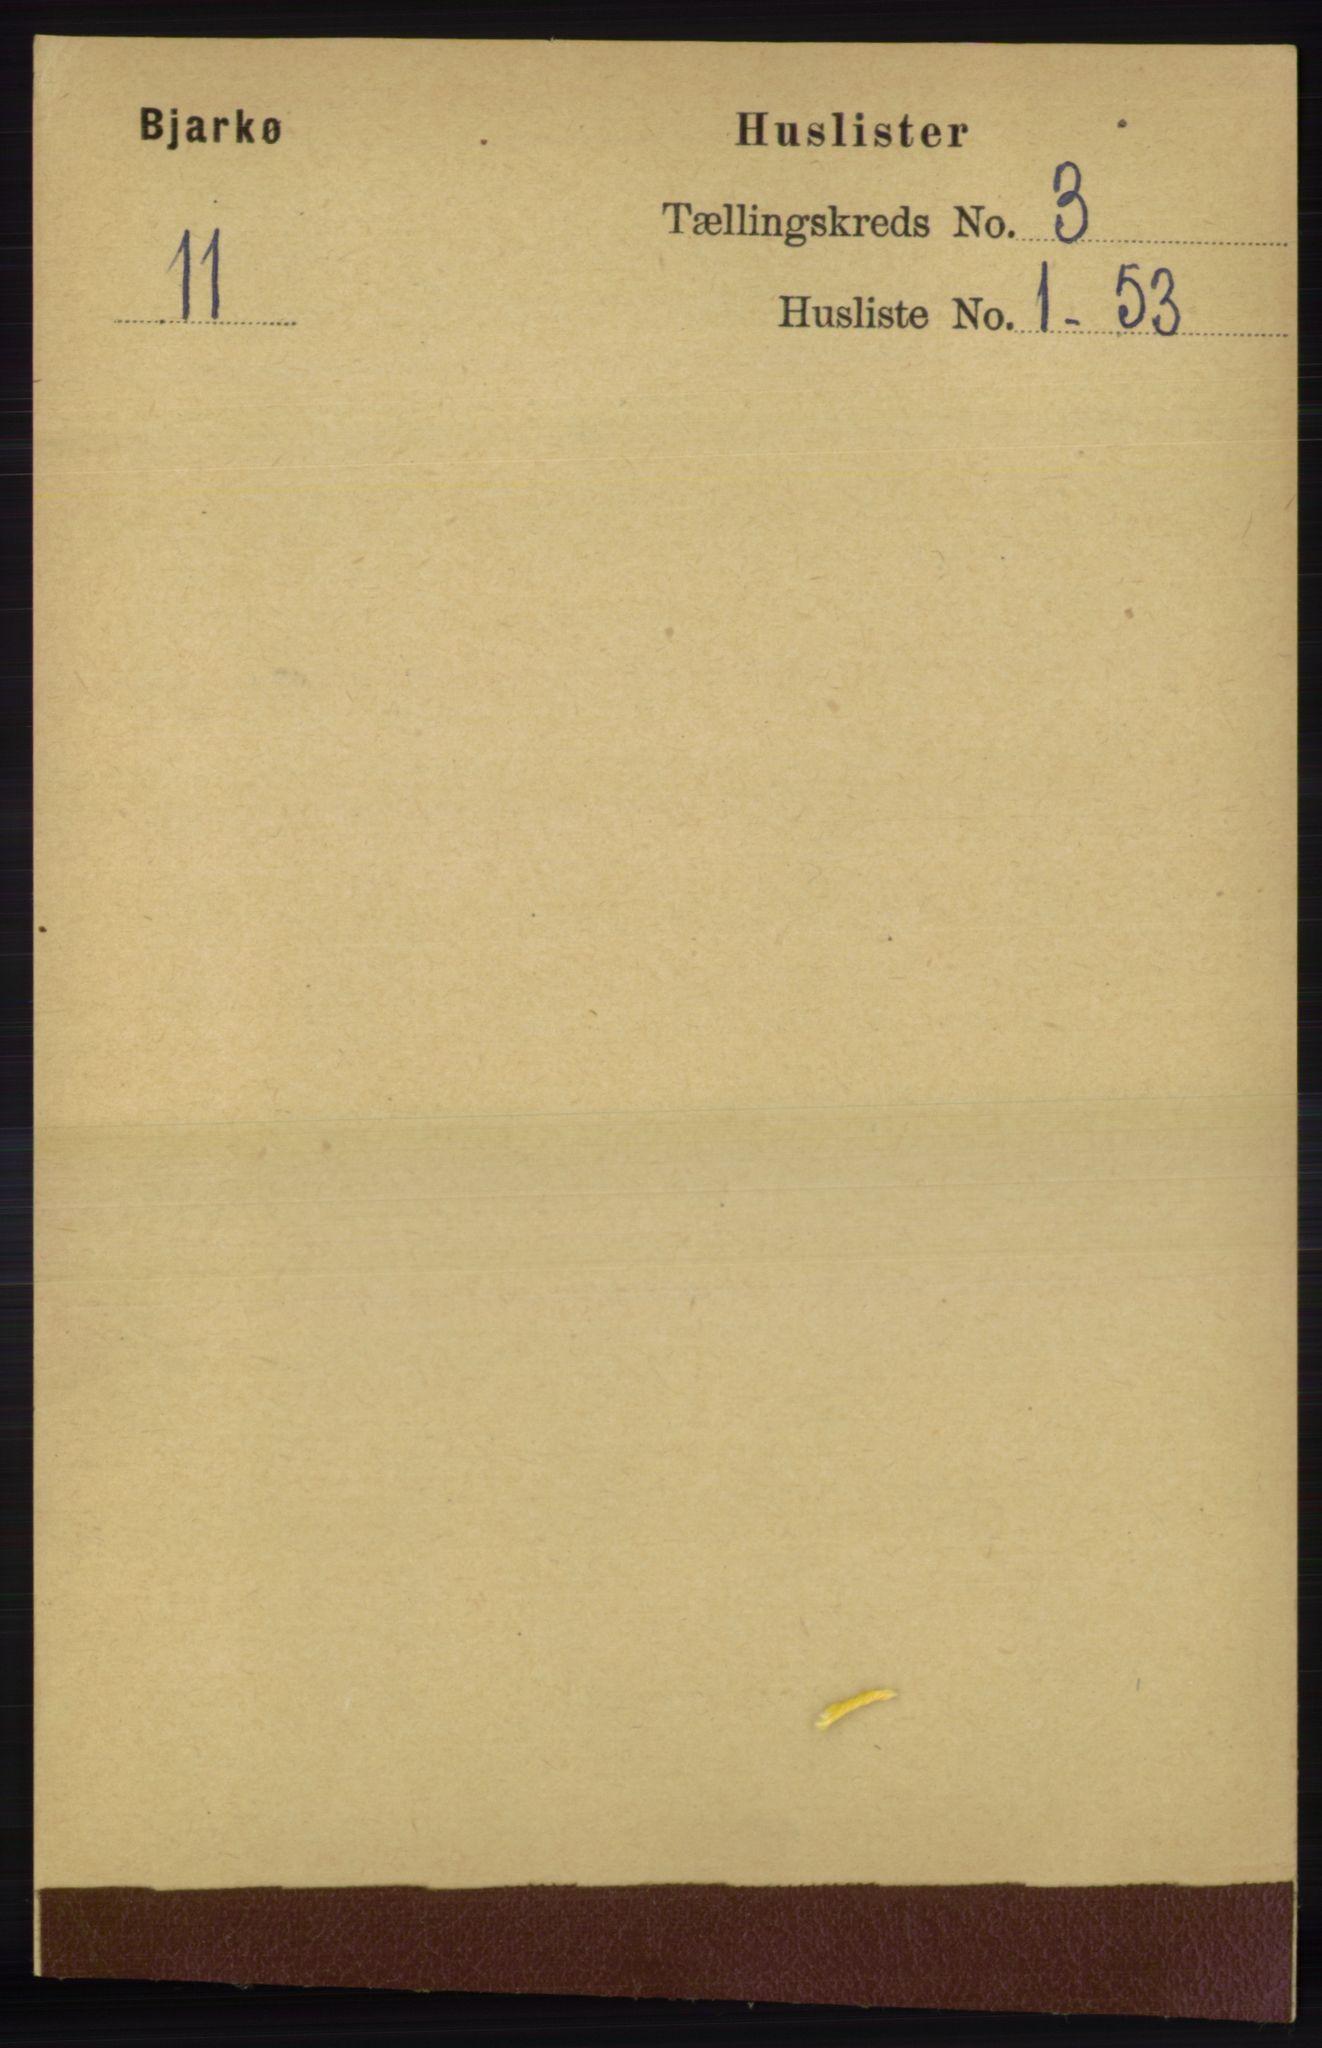 RA, Folketelling 1891 for 1915 Bjarkøy herred, 1891, s. 1480